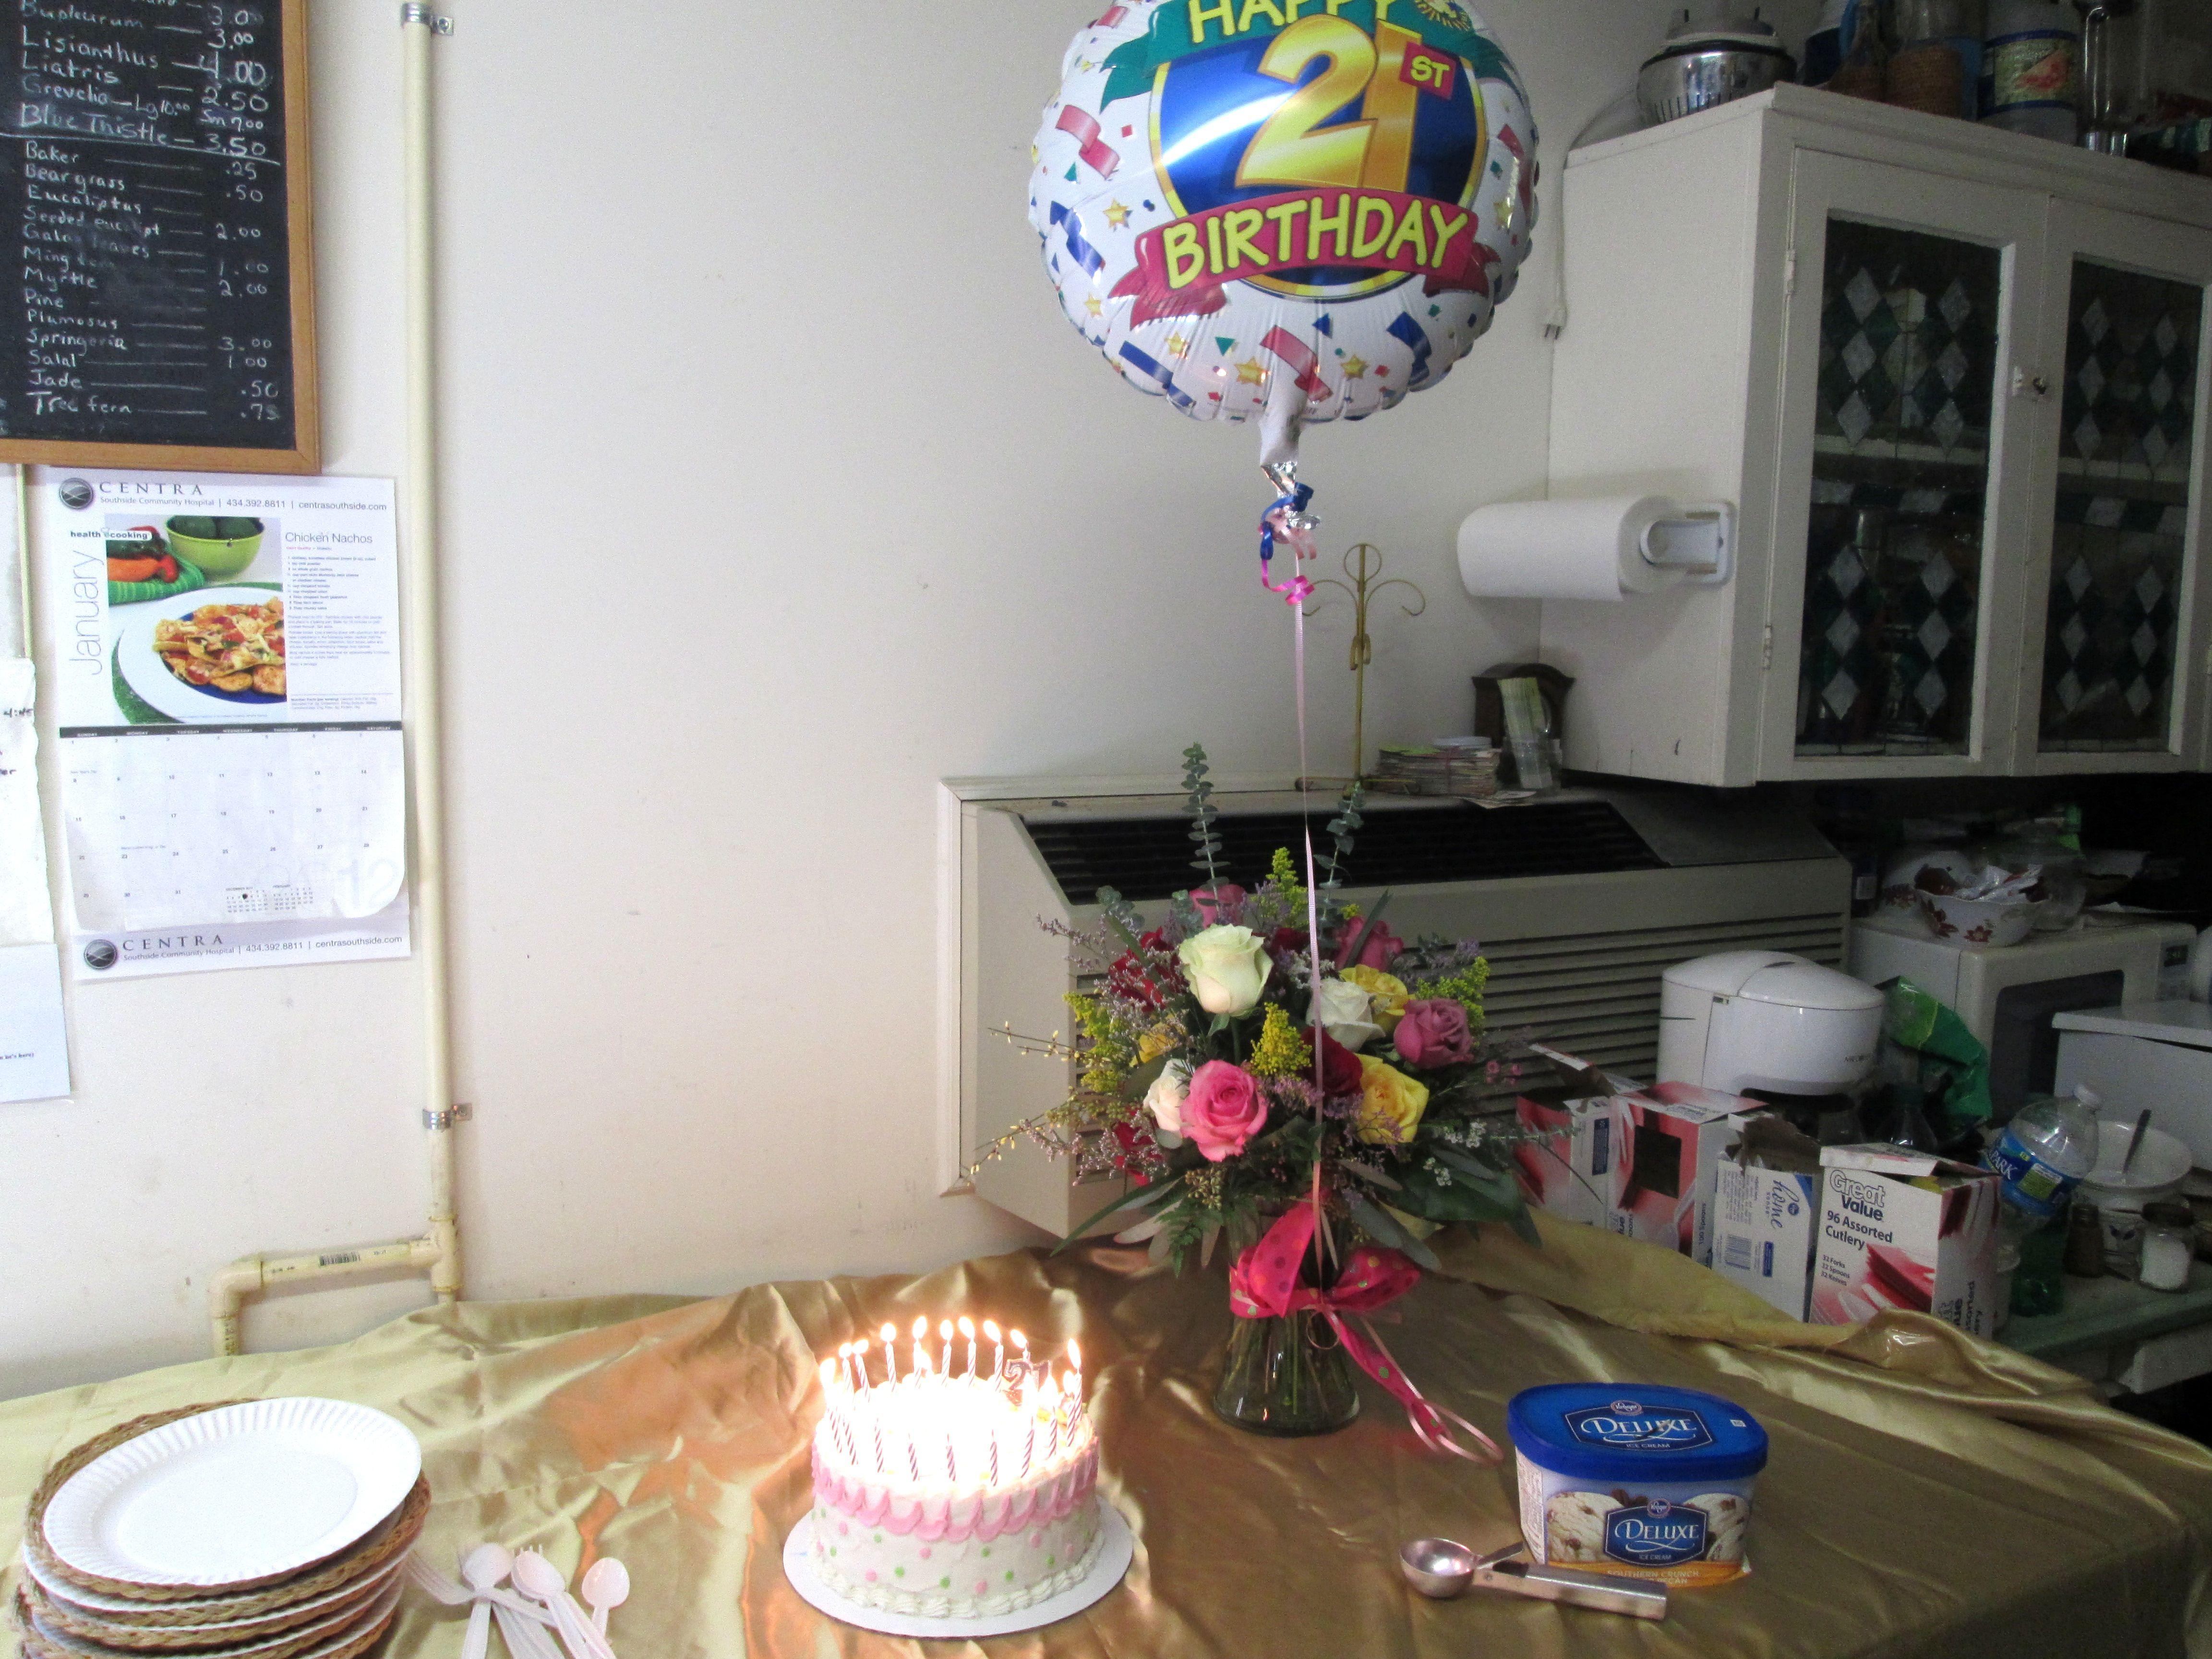 Ashley's 21st birthday celebration!